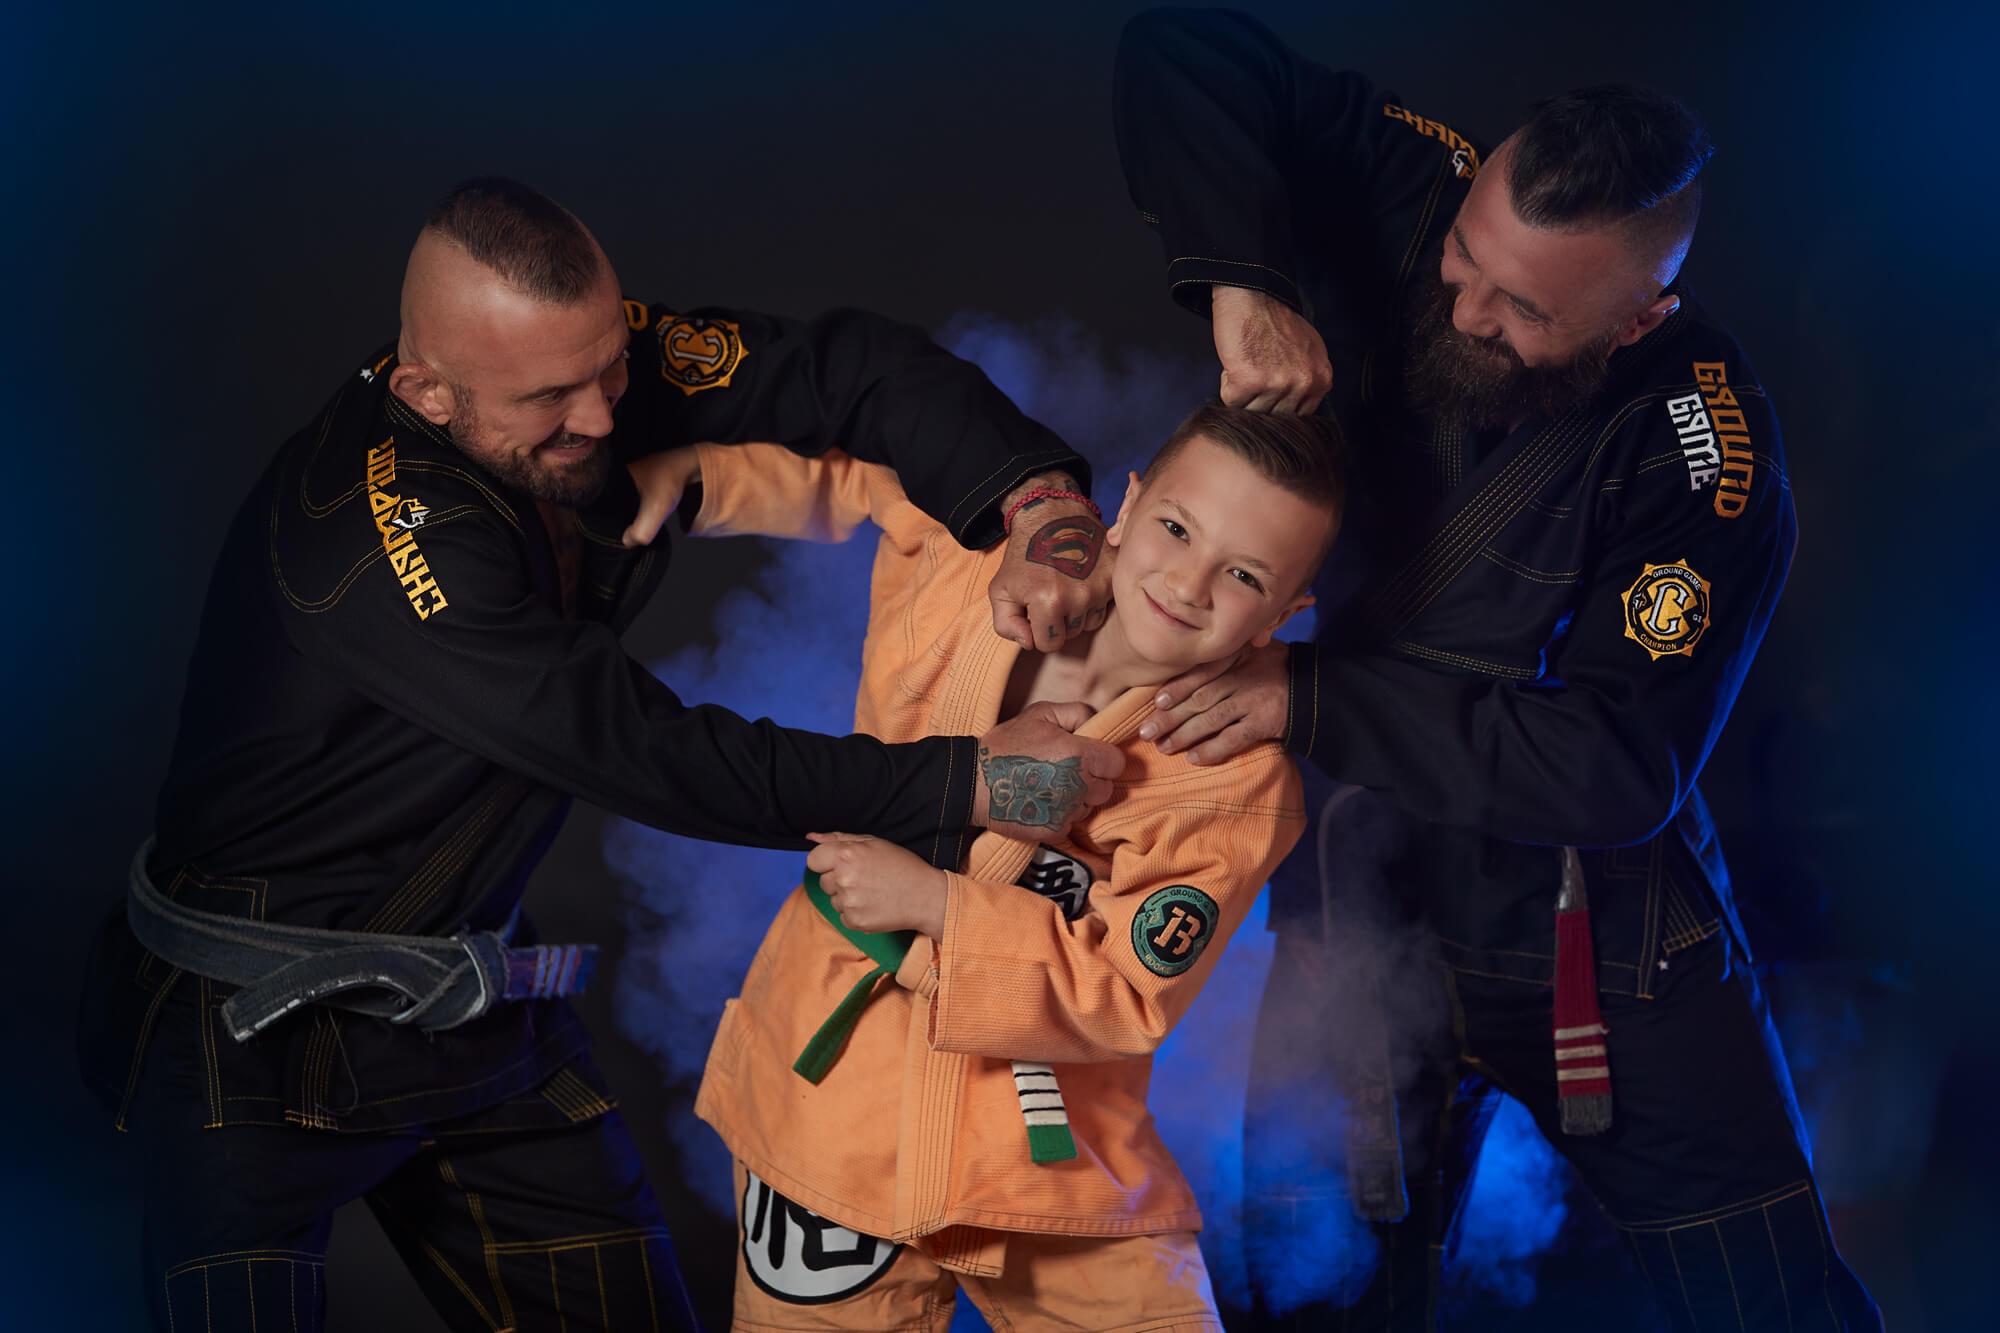 Twoje dziecko jest niecierpliwe? Zapisz je na trening sportów walki!